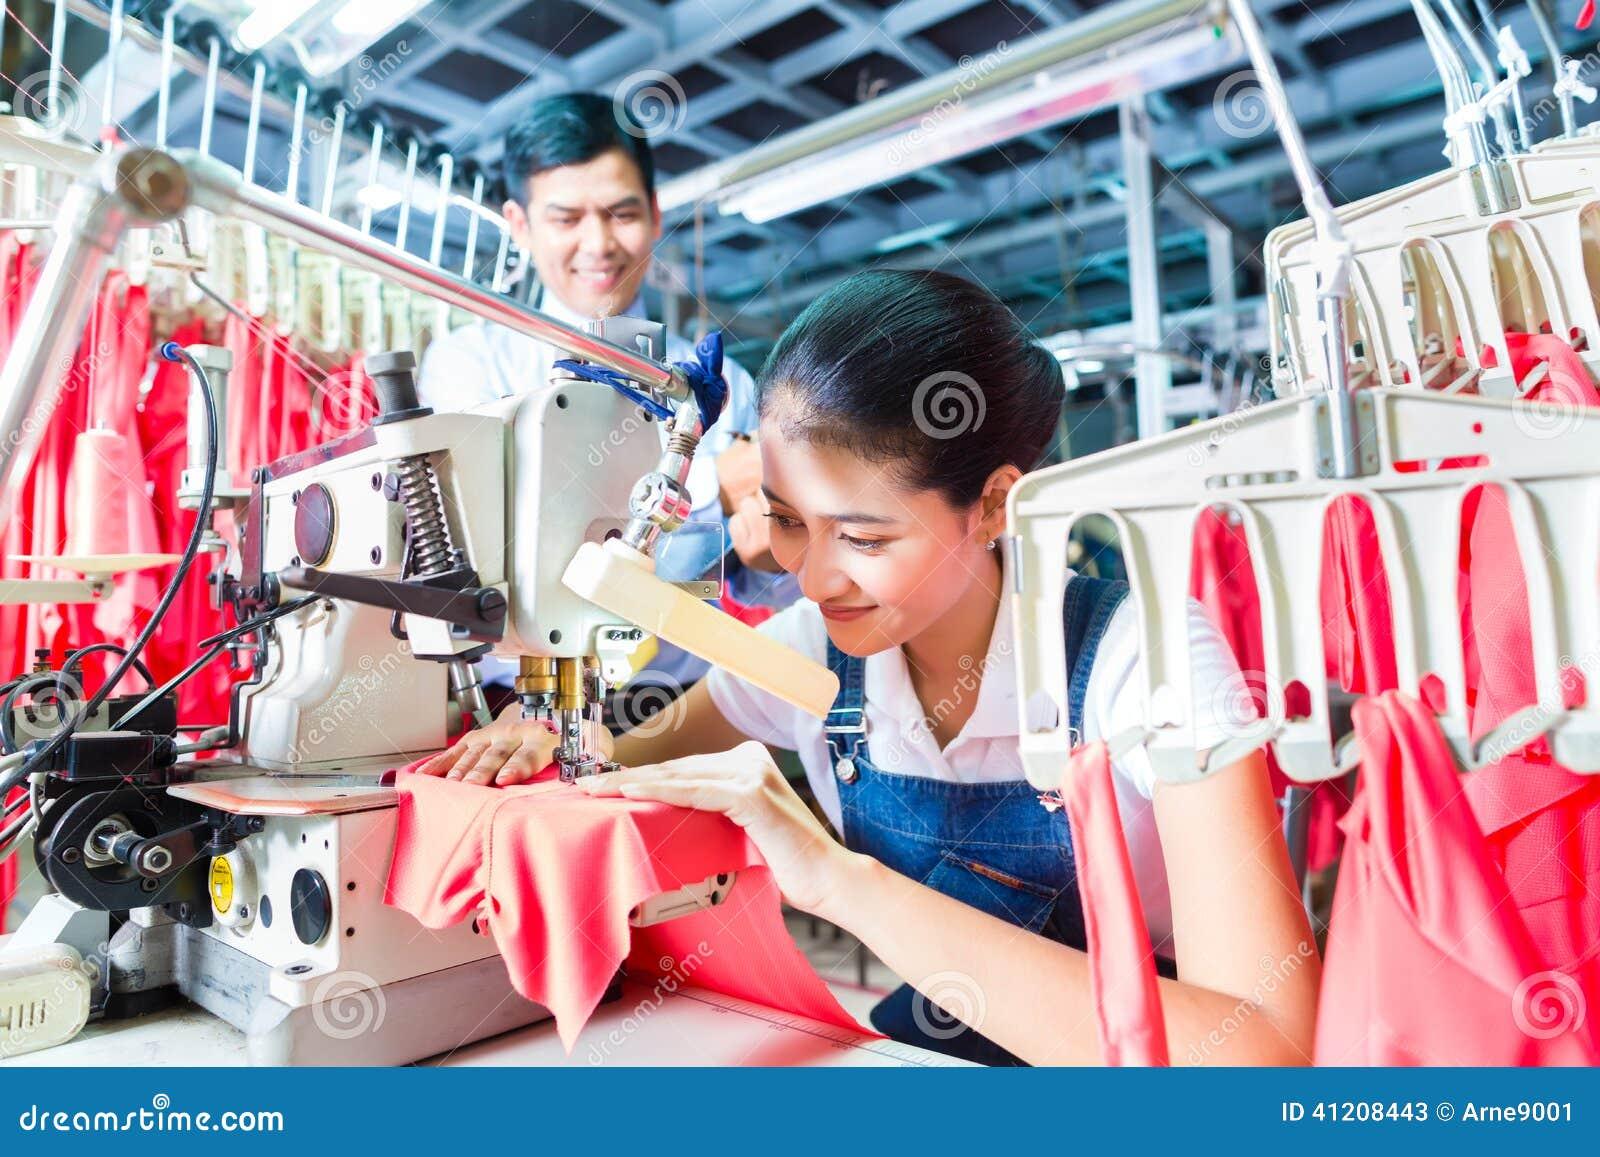 Ινδονησιακό Seamstress στο ασιατικό υφαντικό εργοστάσιο